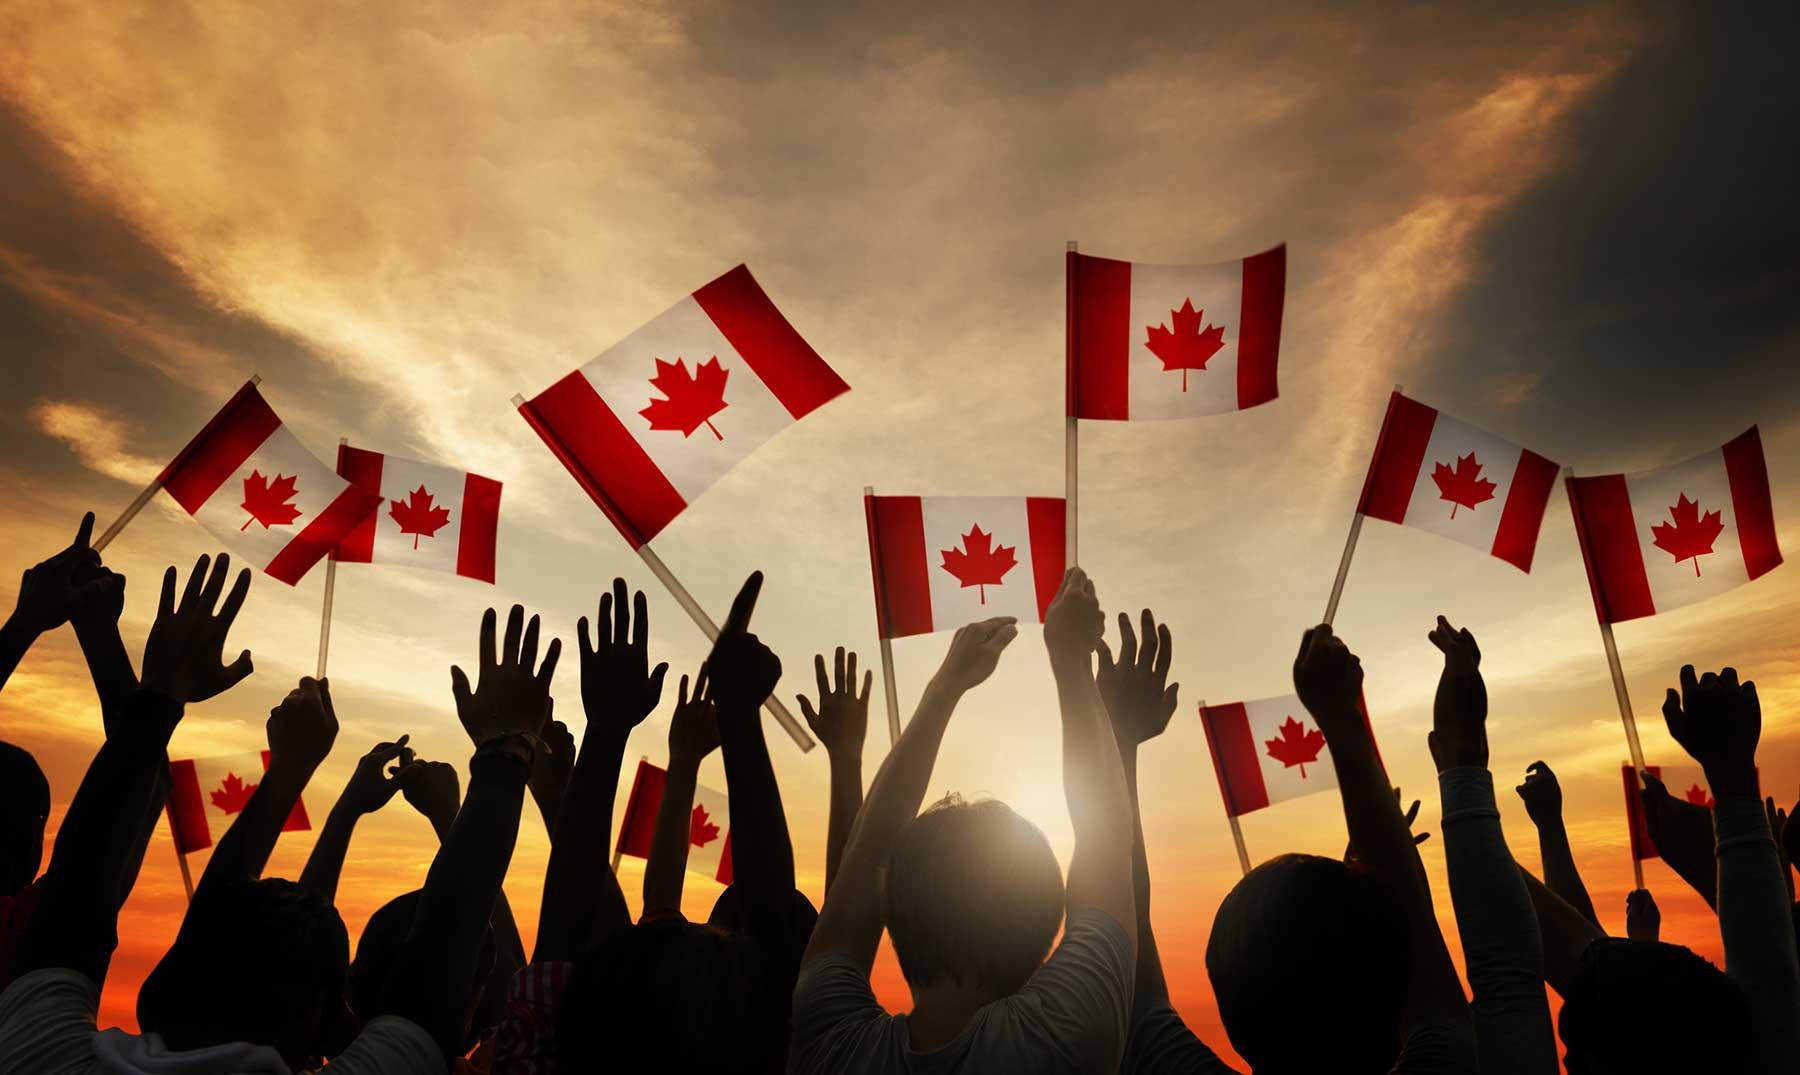 Estudiar inglés y trabajar en Canadá | Checa los pasos para lograrlo